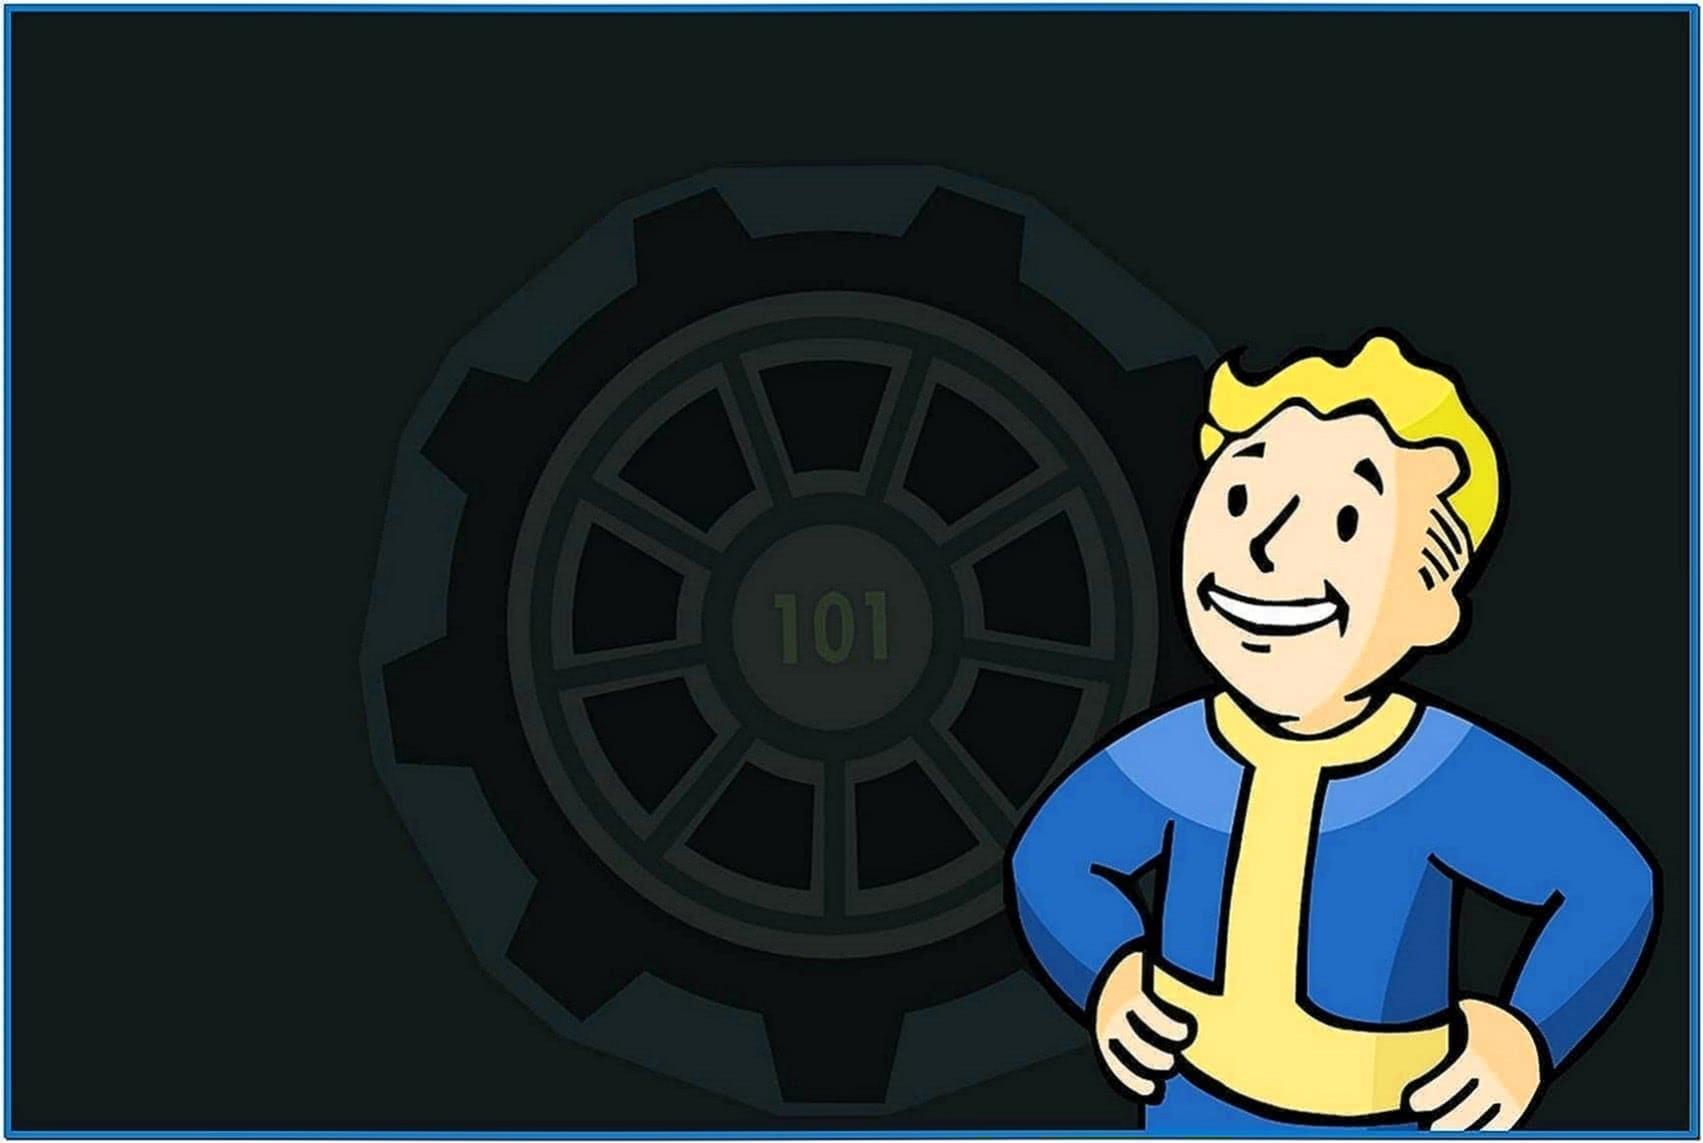 Fallout pip boy screensaver